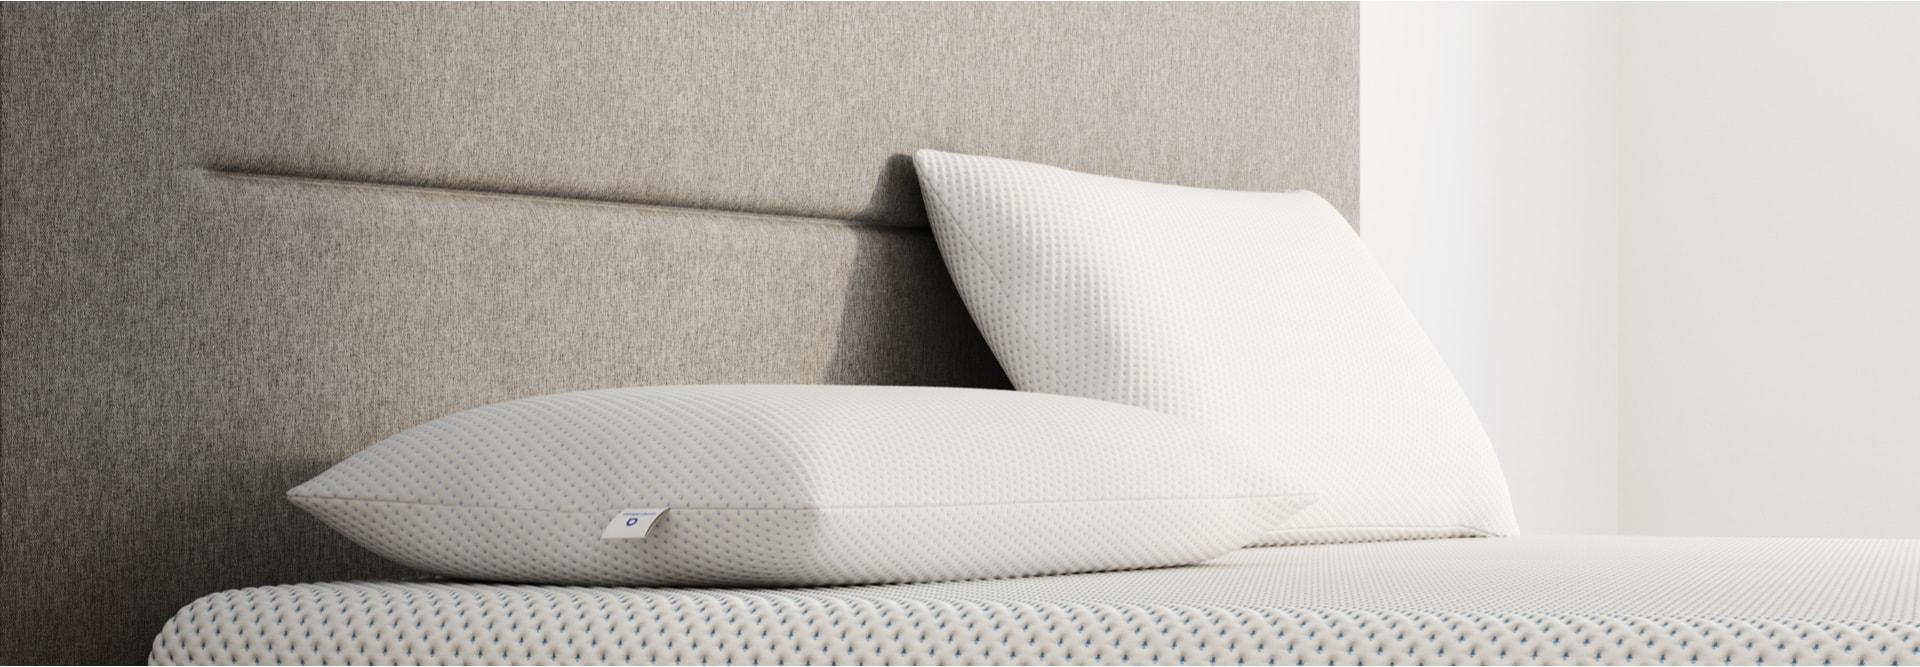 pillows amerisleep